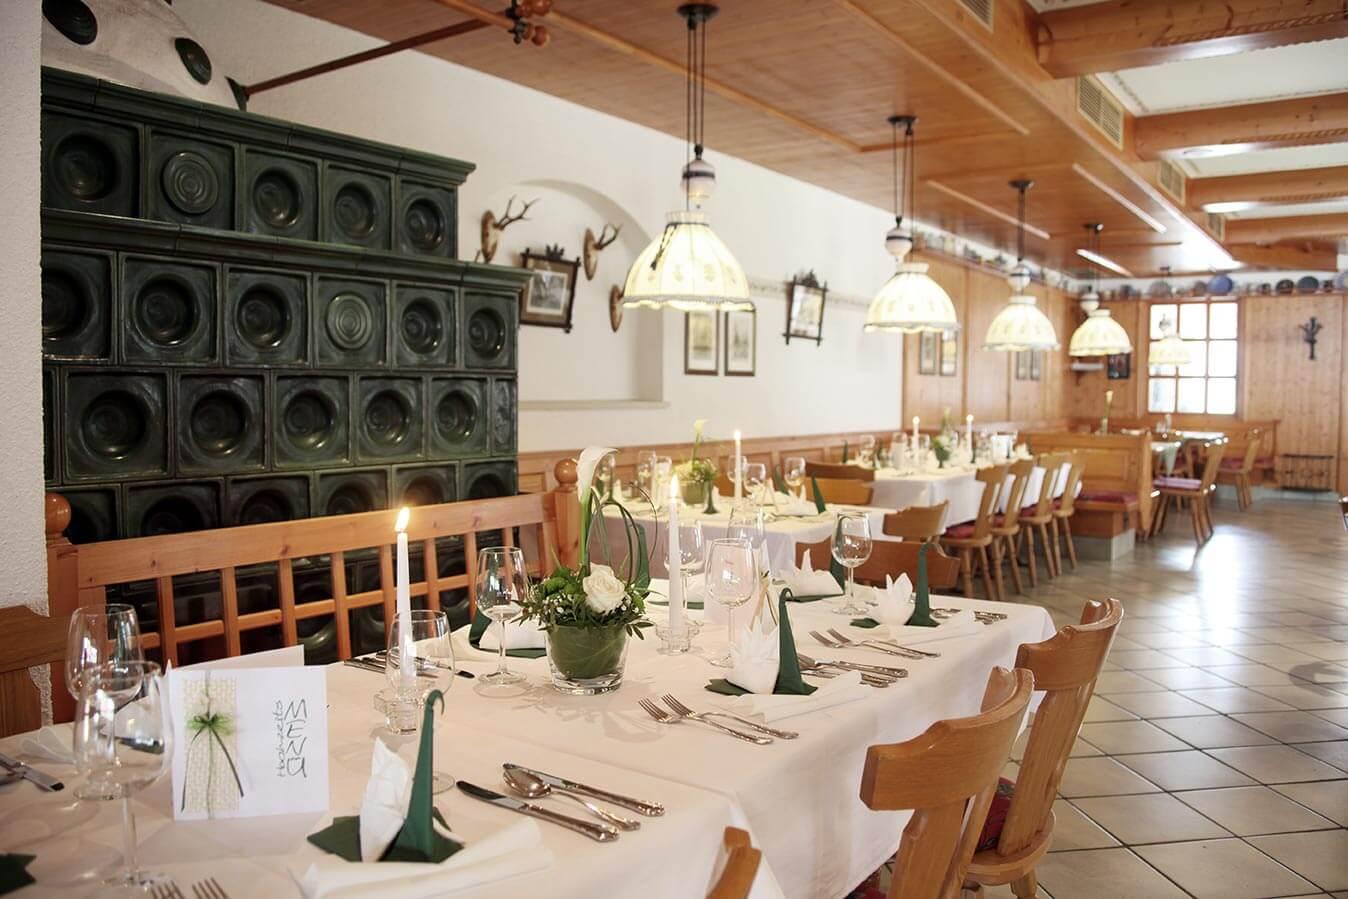 kleiner festsaal familienfeierlichkeit gasthof-reiterhof wirtshaus pichler